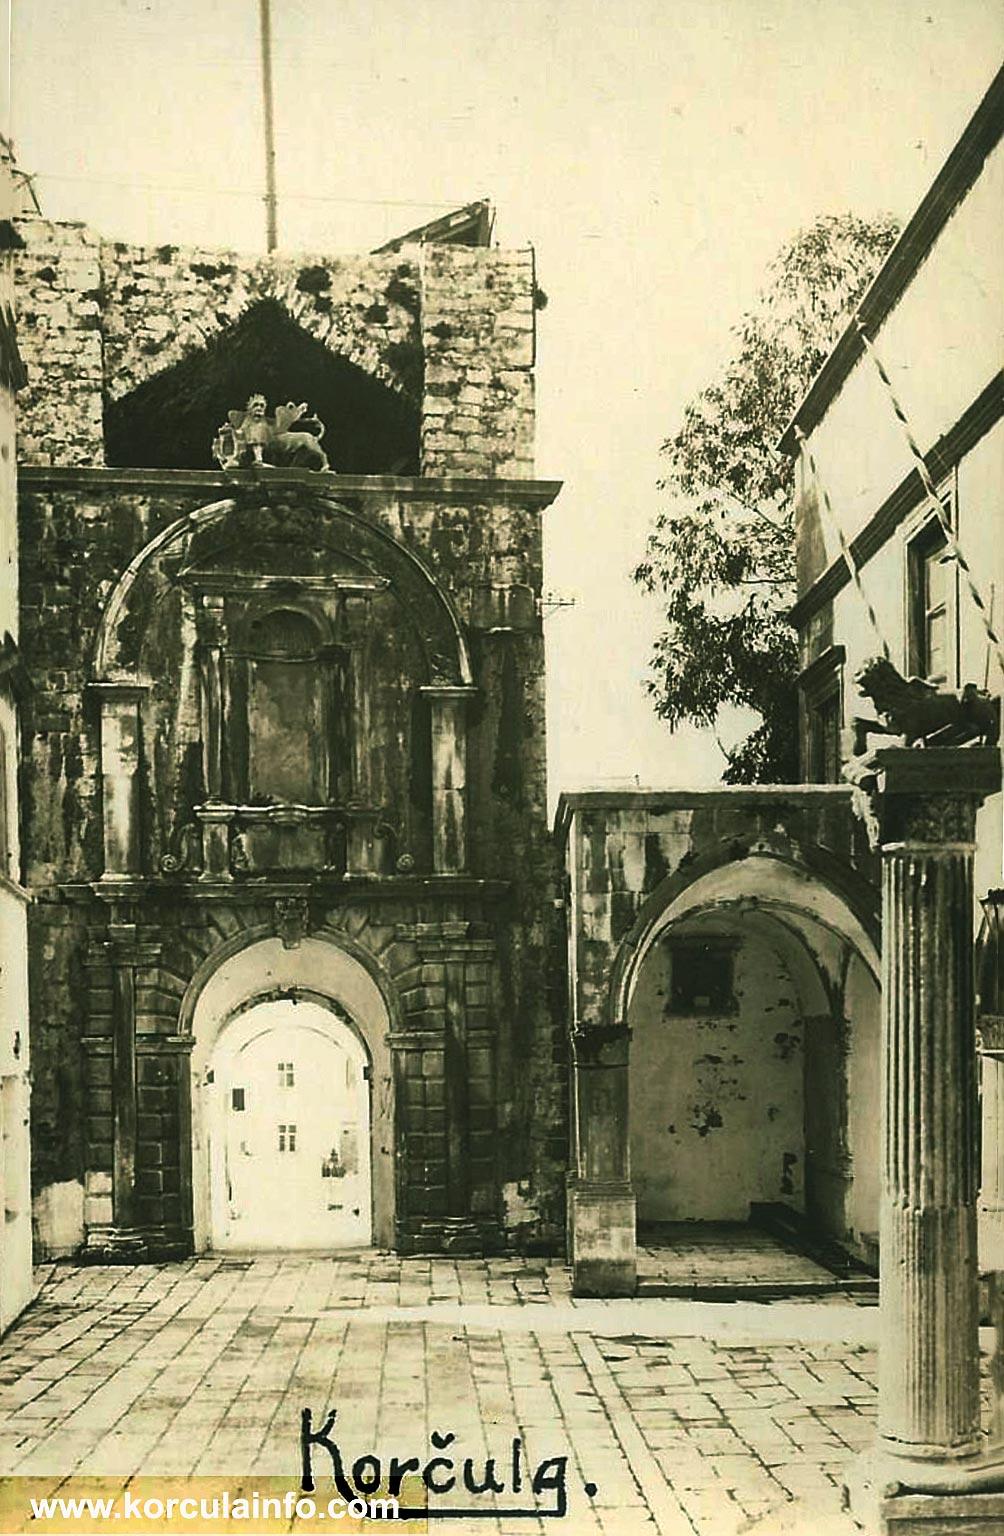 Square Trg Antuna i Stjepana Radica (1920s)